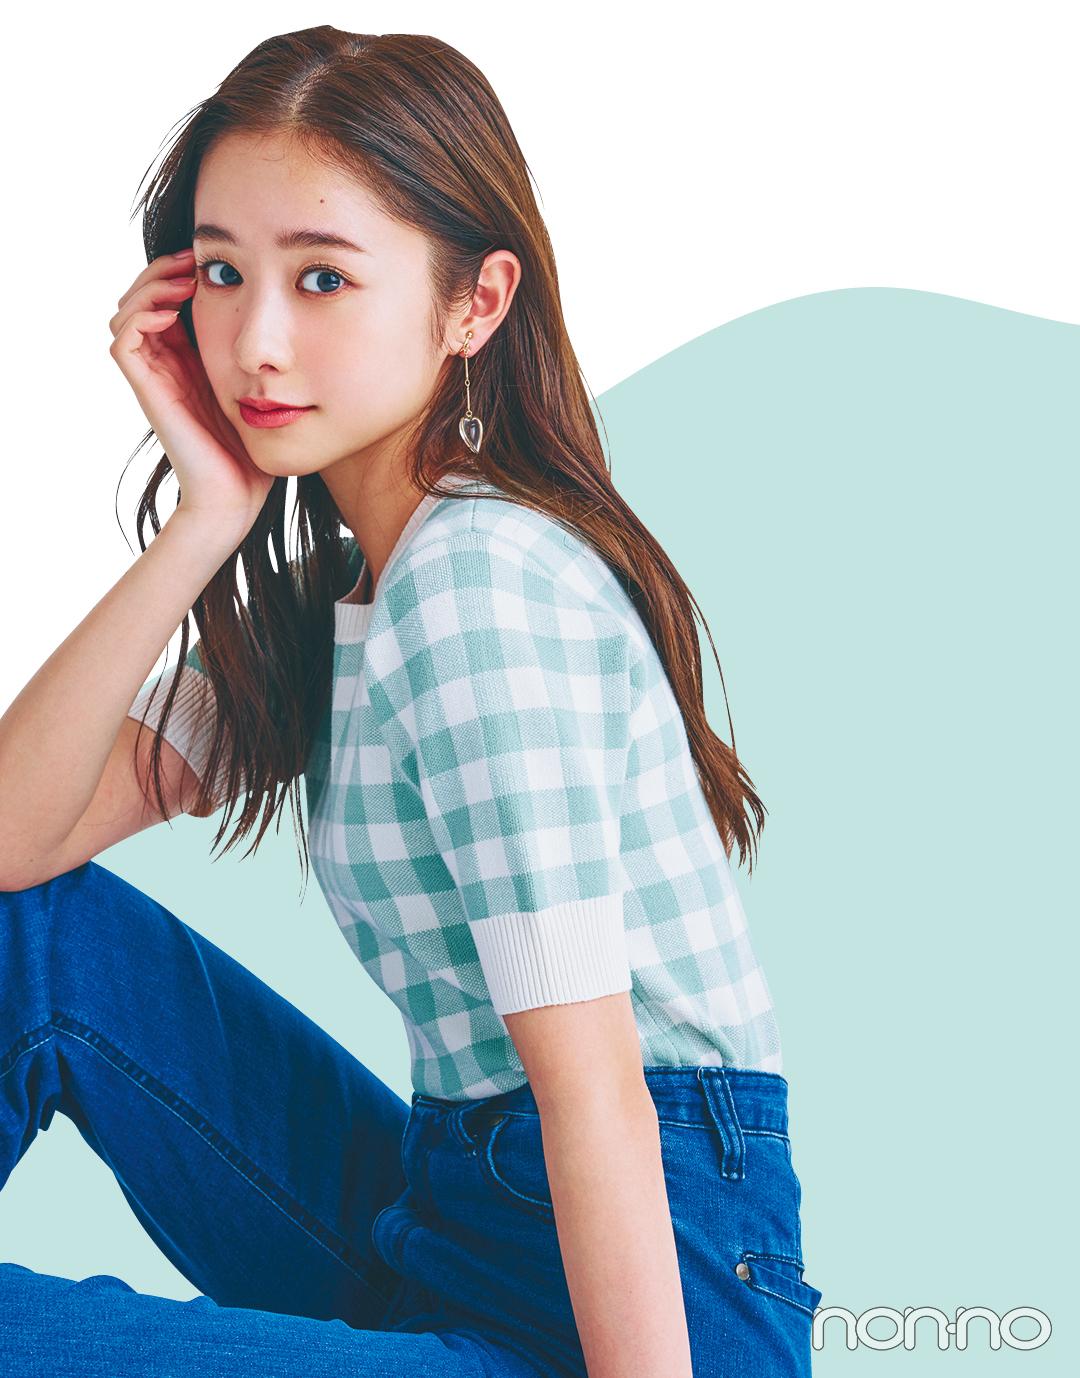 【2021年ファッショントレンド vol.3】甘すぎないギンガムチェックが気分!_1_3